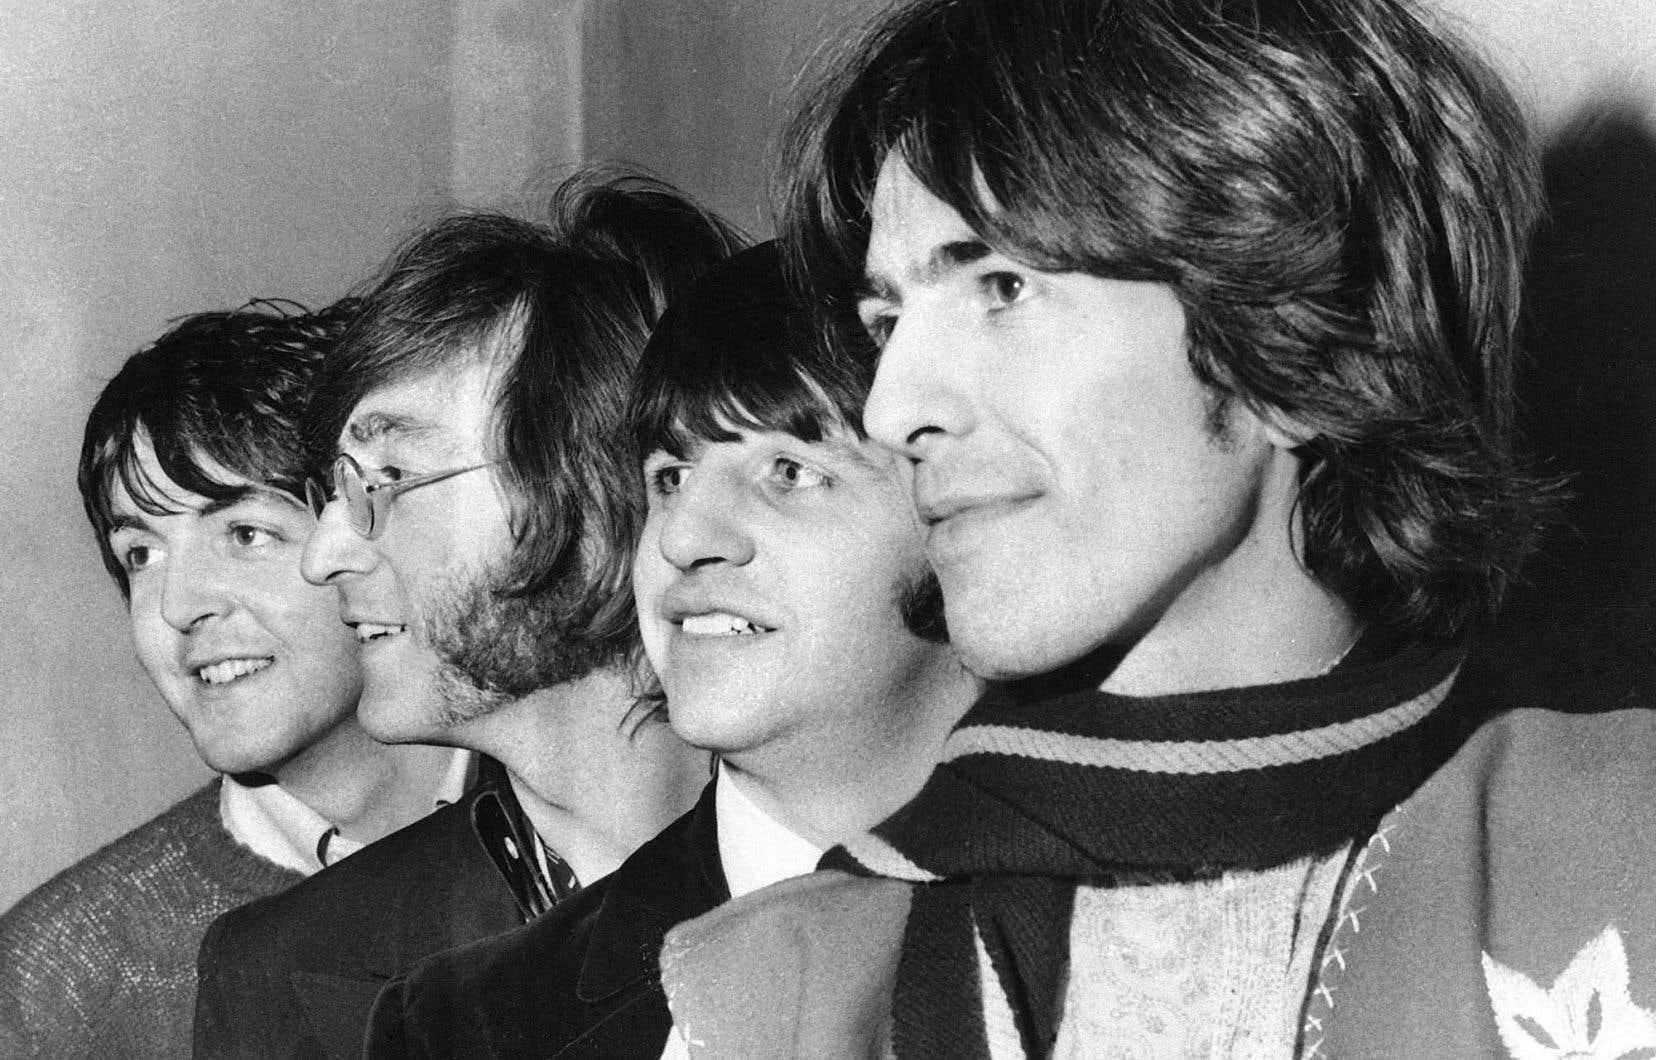 Les Beatles en 1968, année de l'album blanc: on a beau l'avoir réécouté, chaque chanson remixée révèle des secrets.